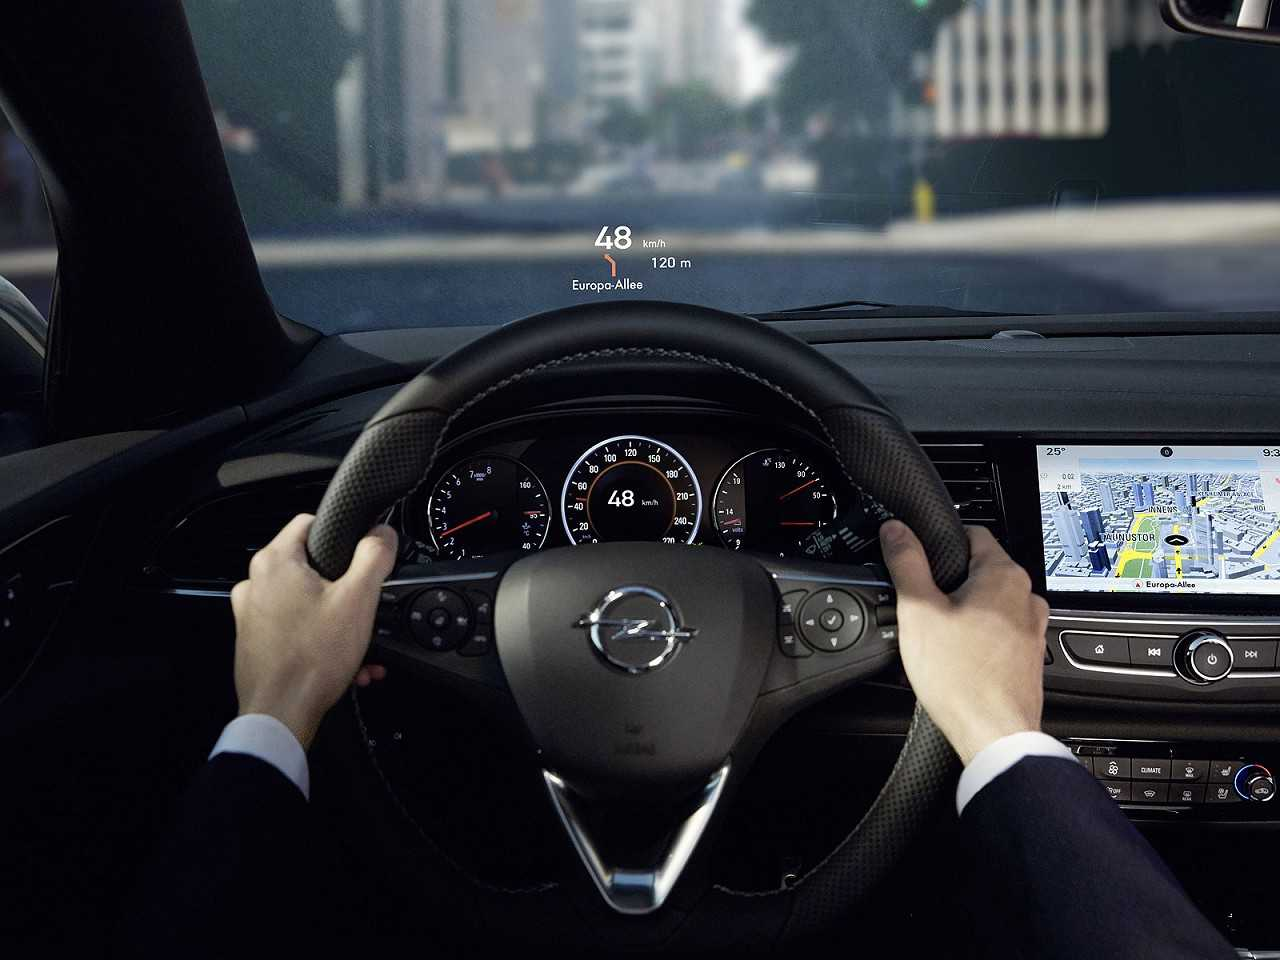 Modo de dirigir pode impactar em até 25 o consumo de um carro